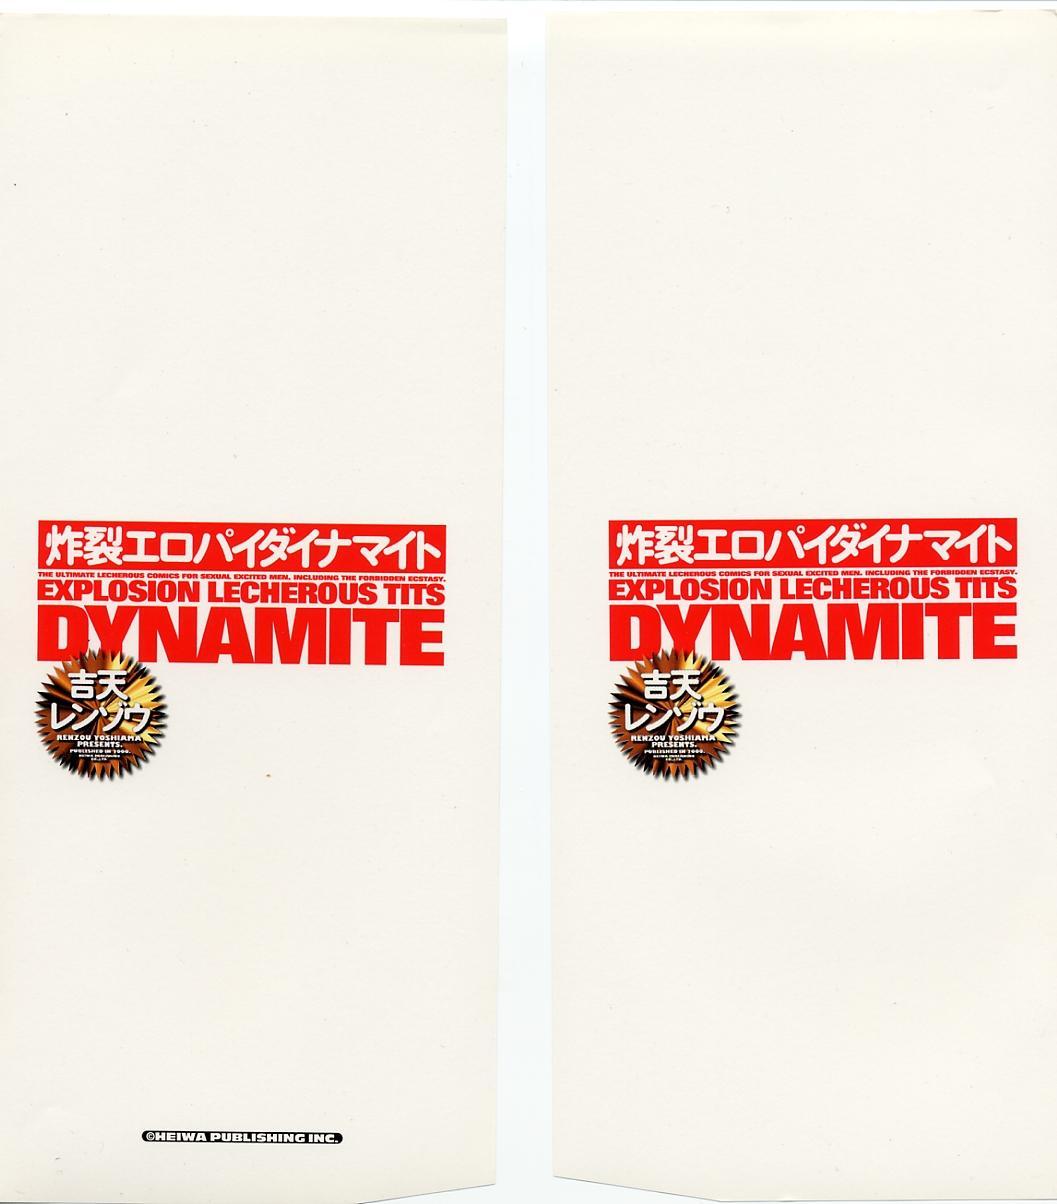 Sakuretsu Eropai Dynamite 2